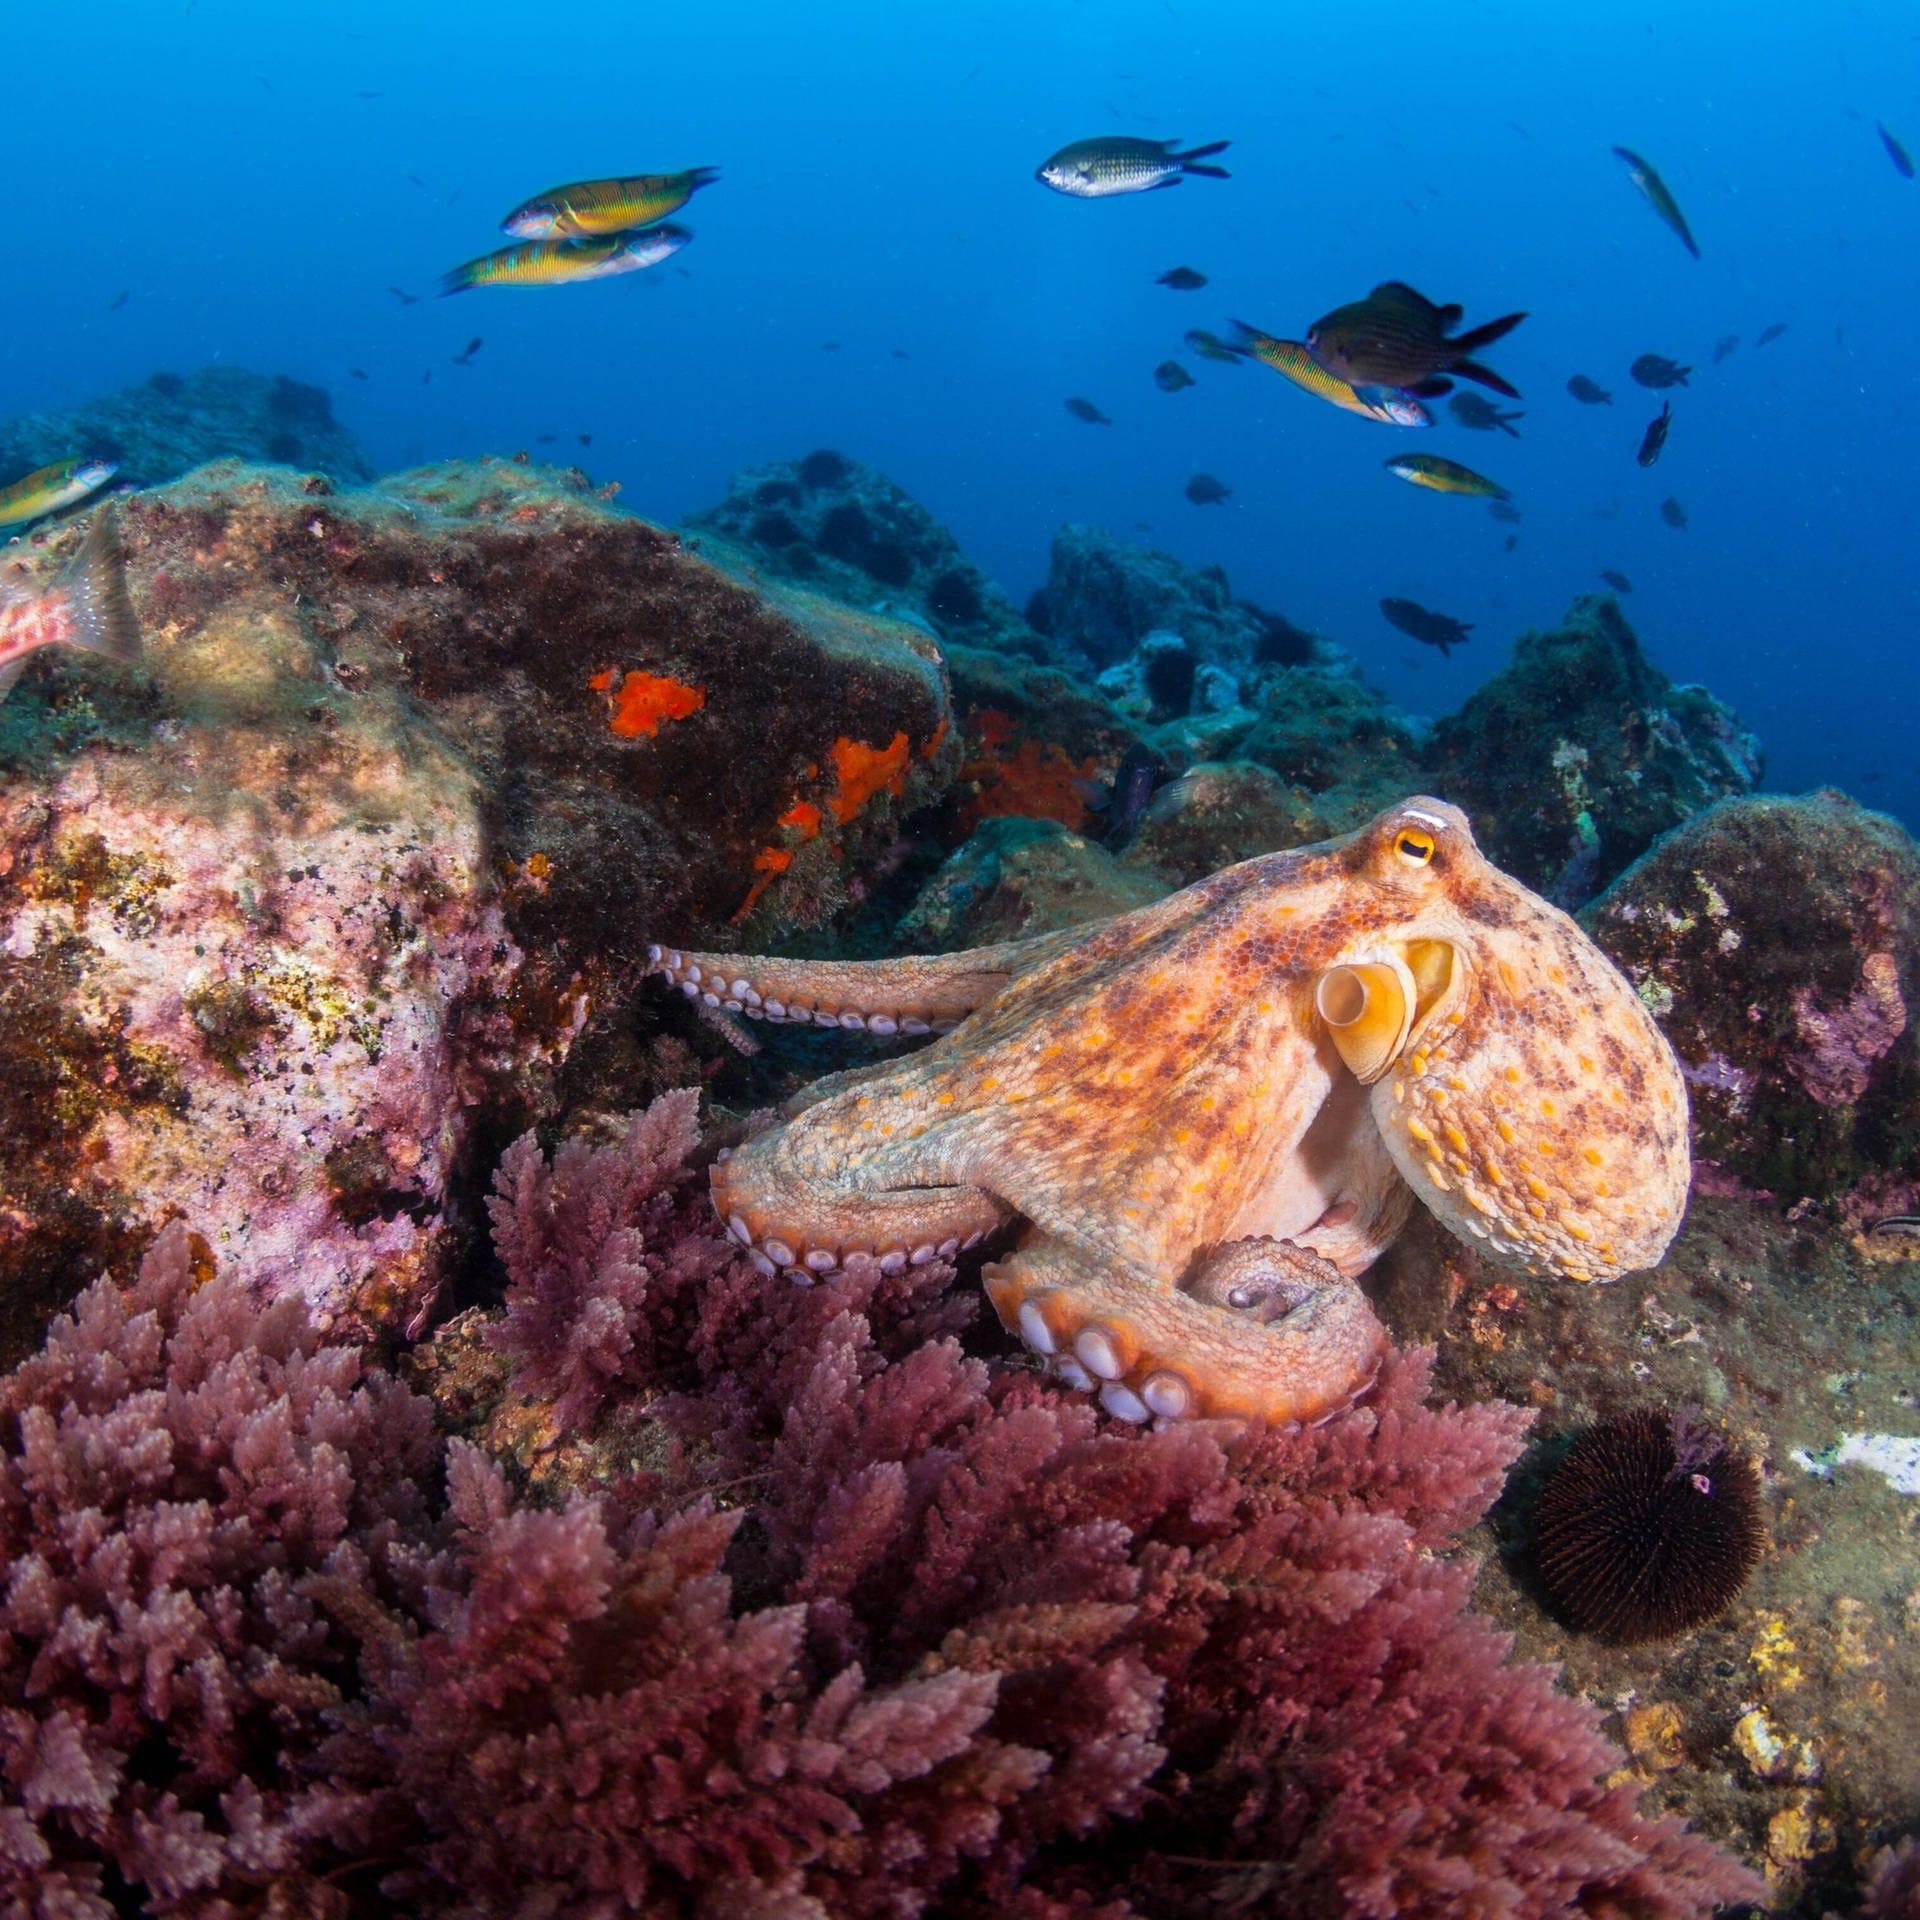 Tintenfische - Wunder der Evolution